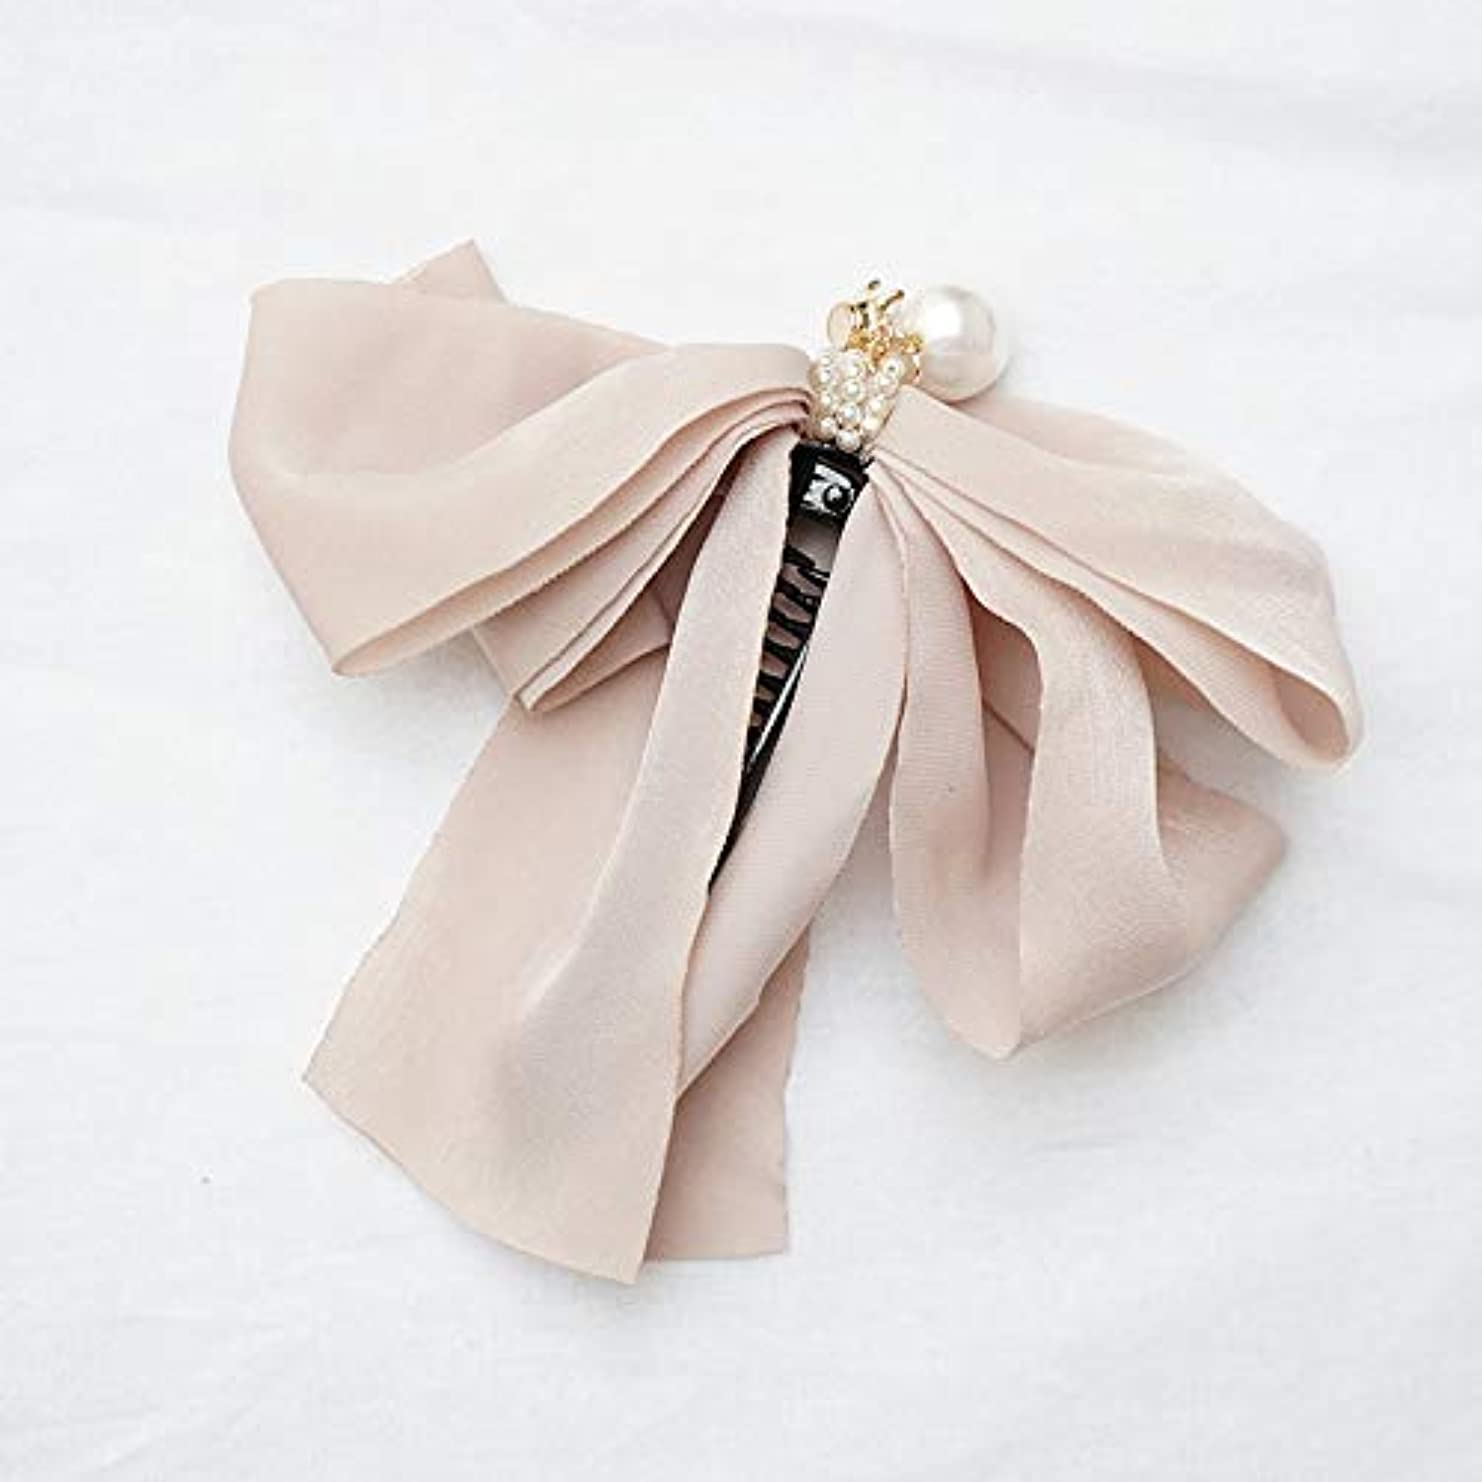 神経障害繊細弾薬HuaQingPiJu-JP ファッションロゼットヘアピン便利なヘアクリップ女性の結婚式のアクセサリー(アプリコット)